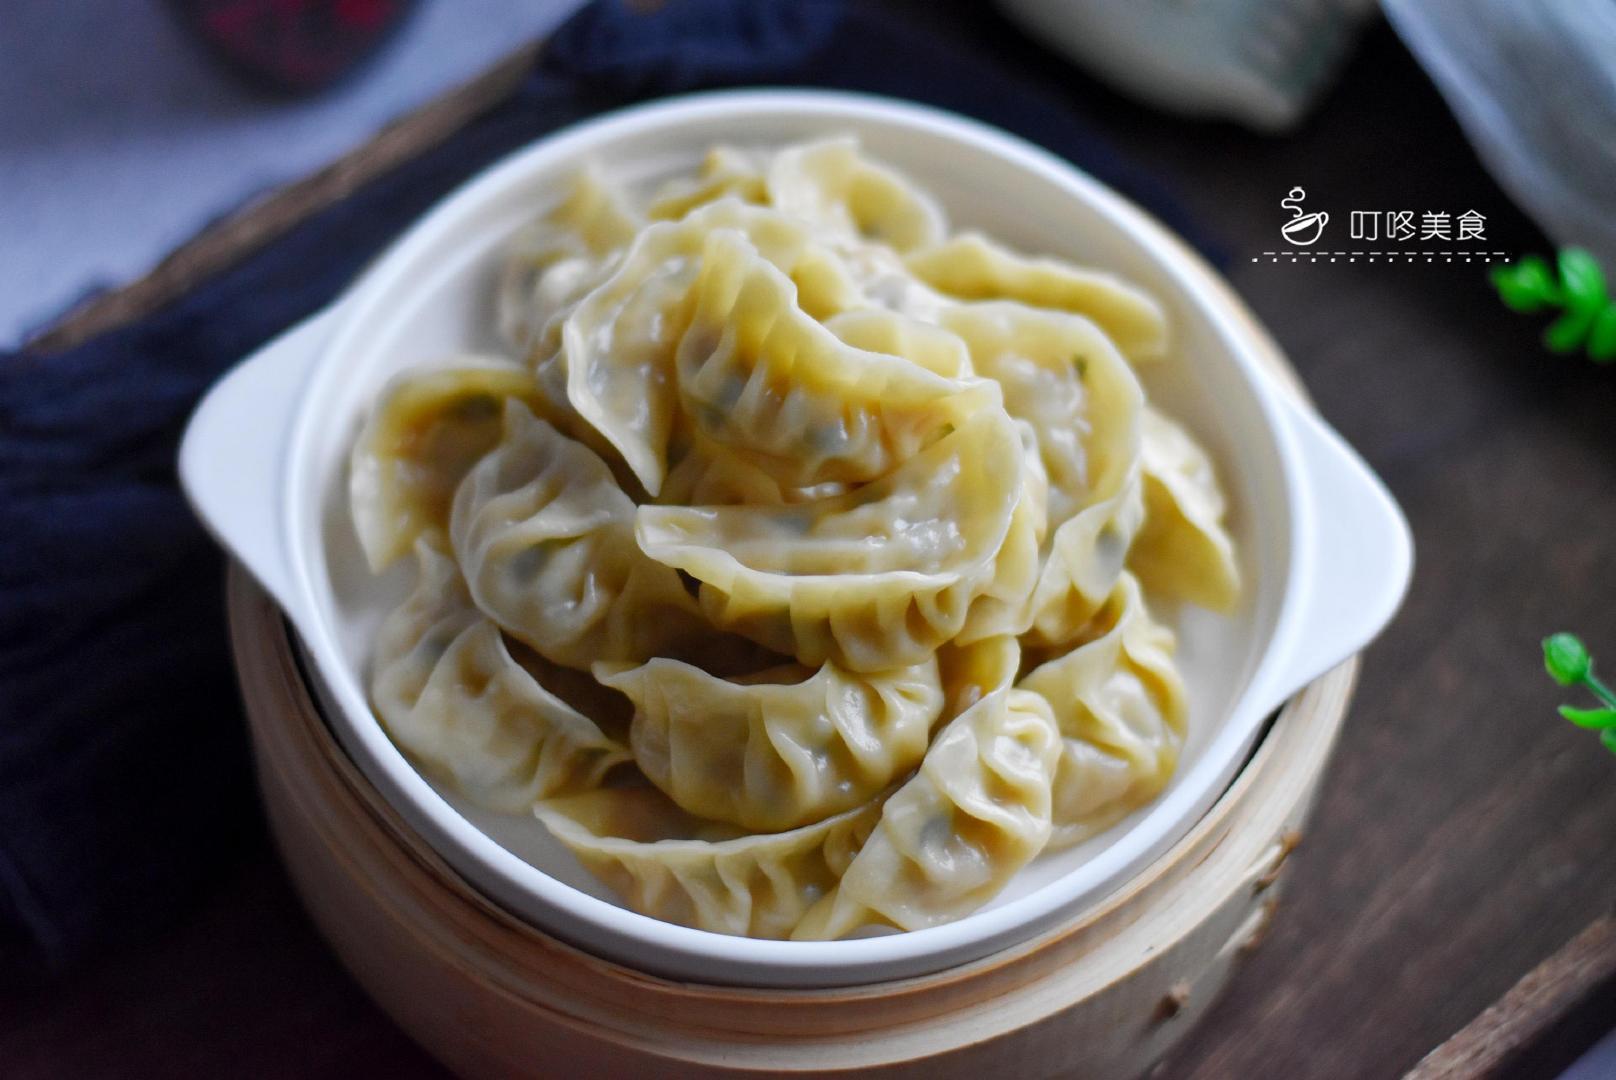 二月二吃龙耳,包饺子就用这馅,鲜嫩多汁,比韭菜香,比白菜营养